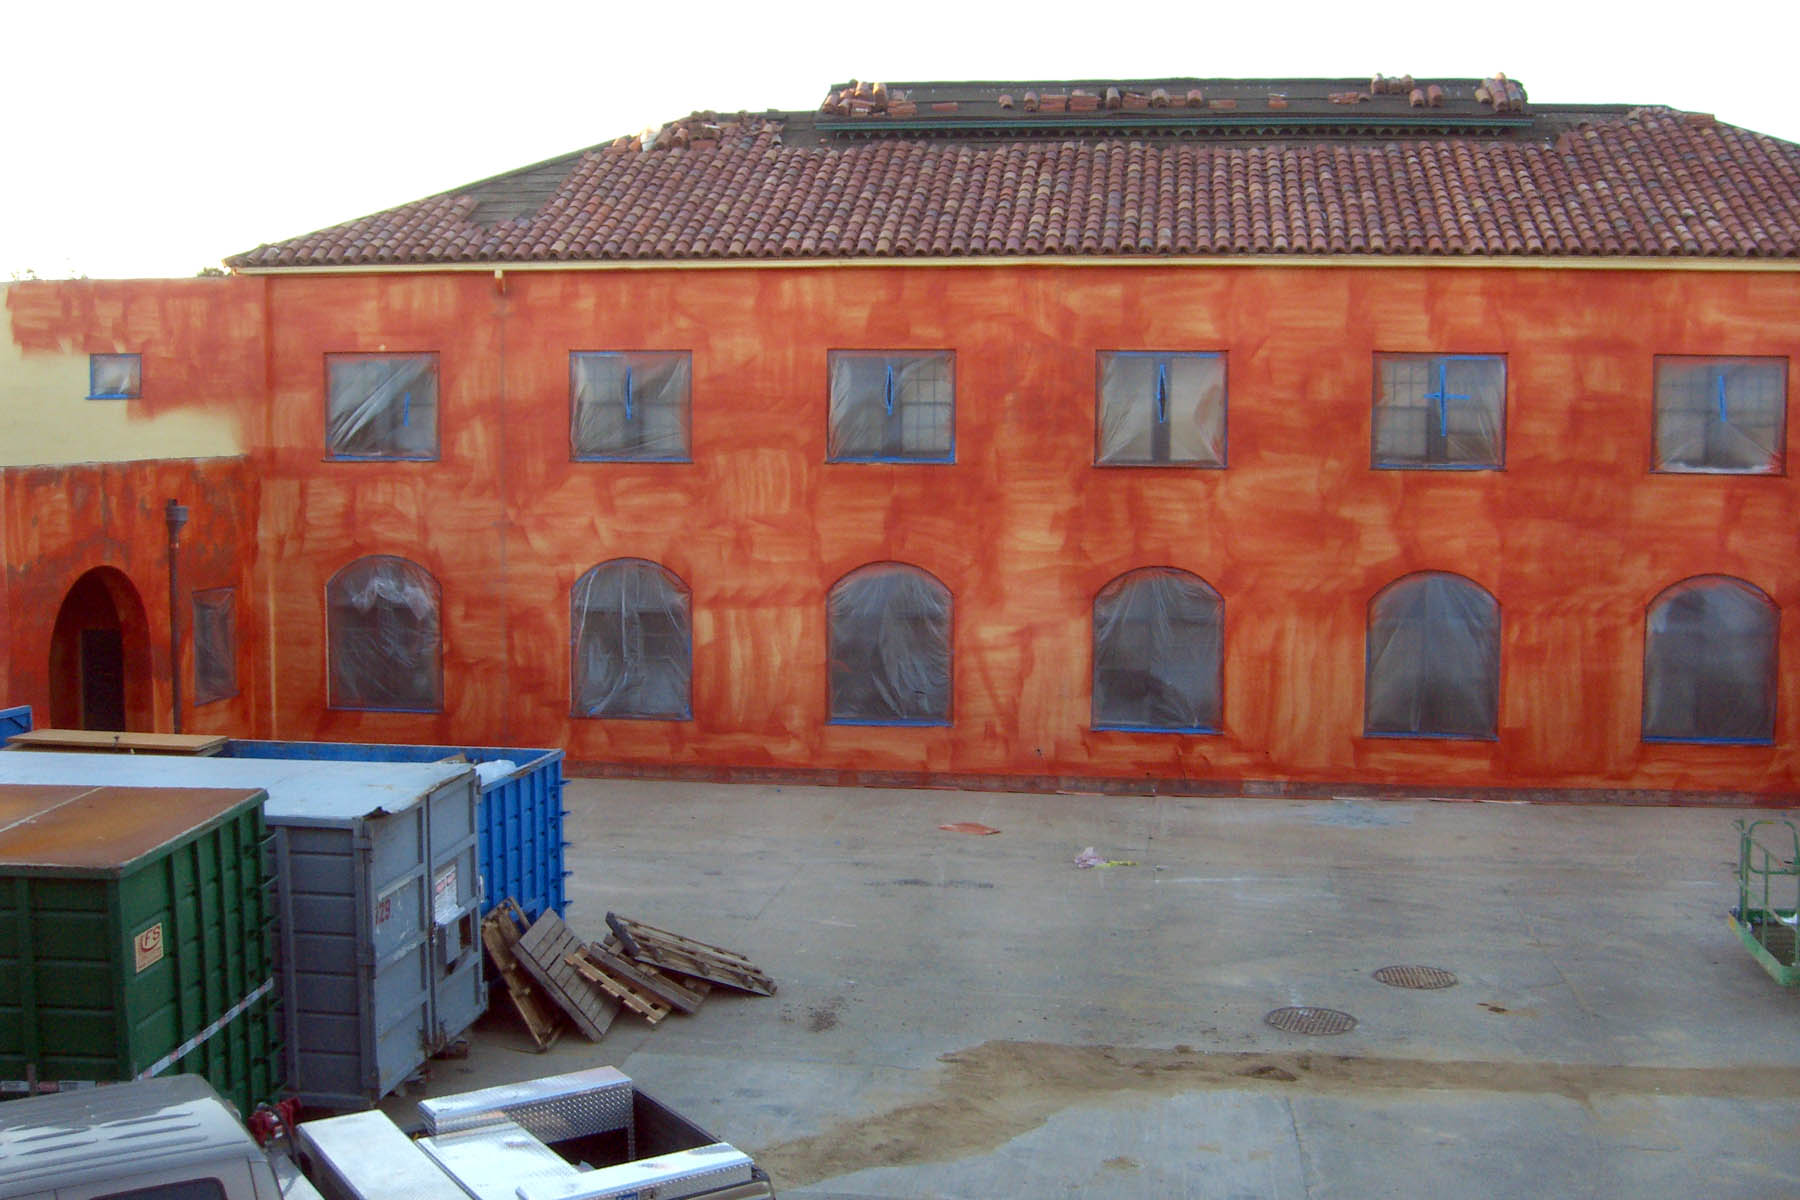 A Barracks building during restoration